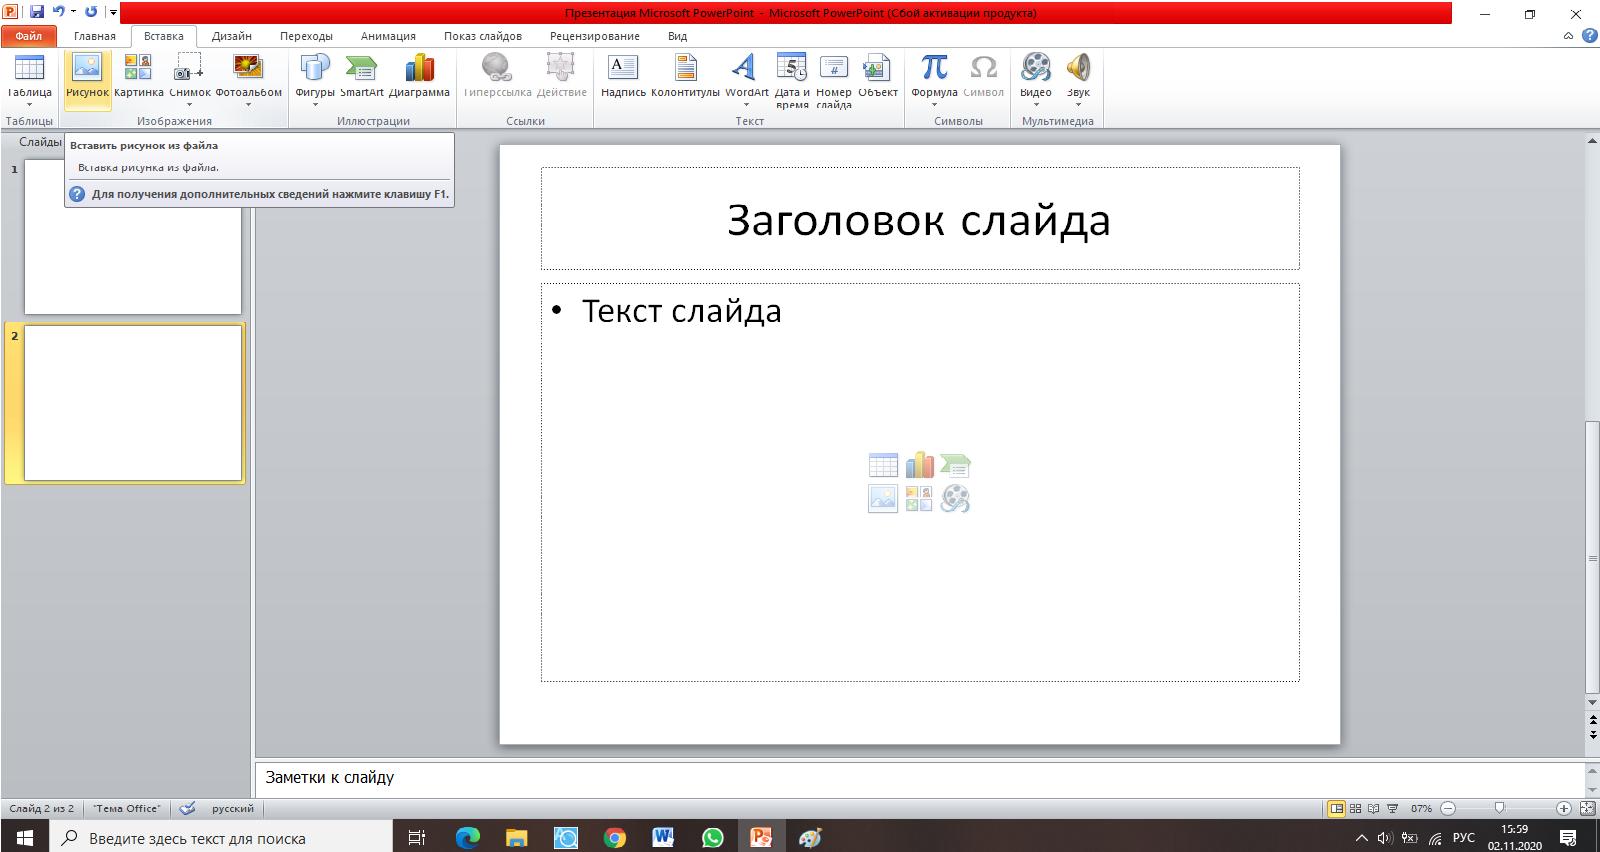 Как пользоваться программой Powerpoint - Таблицы и Диаграммы